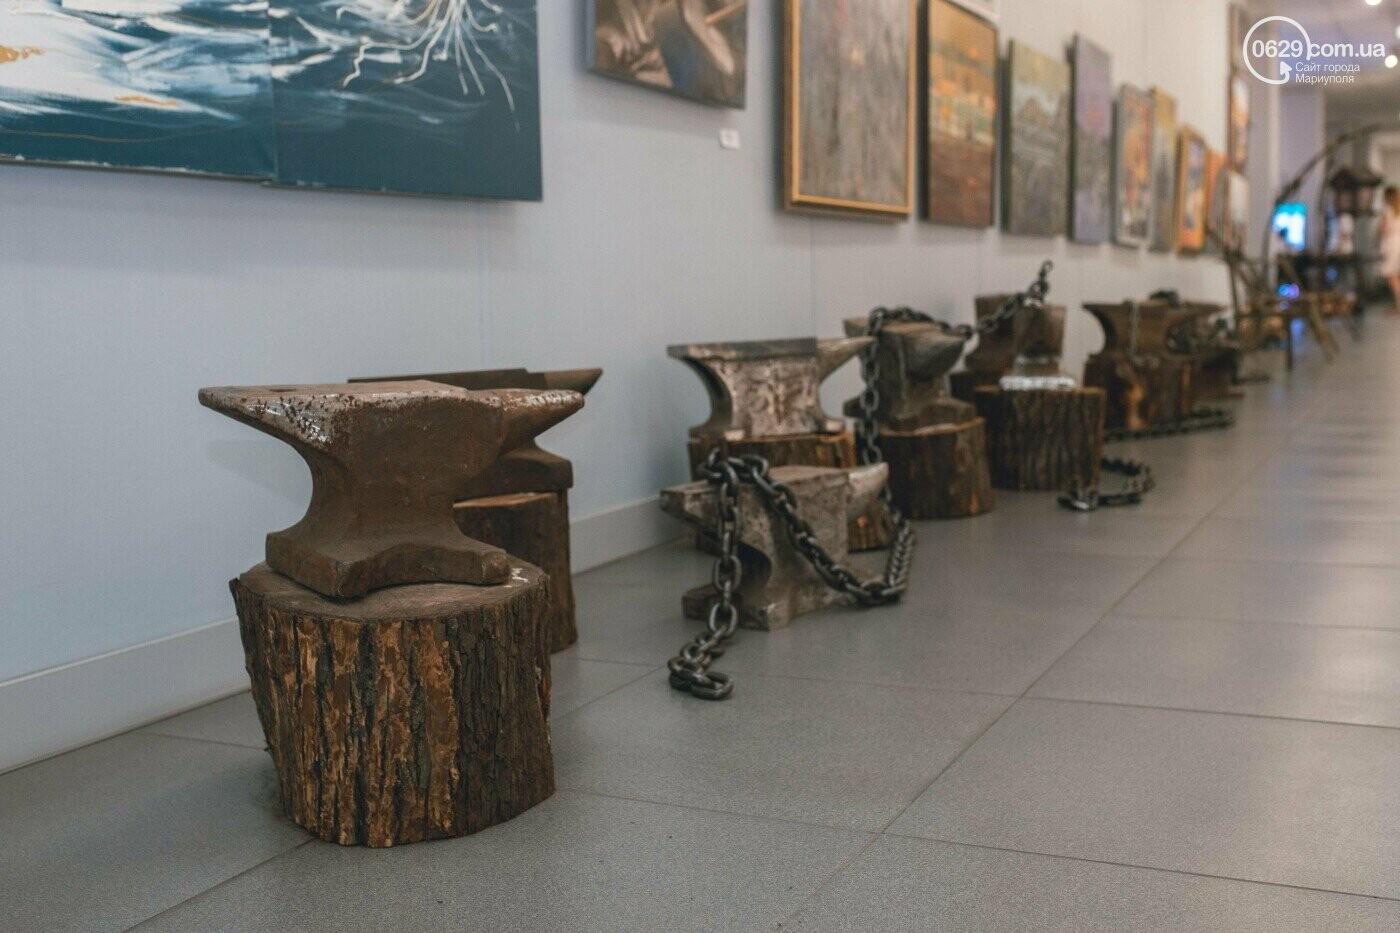 Ковані черепи, пірати та пальми. У Маріуполі відкрилася нова виставка, - ФОТО , фото-4